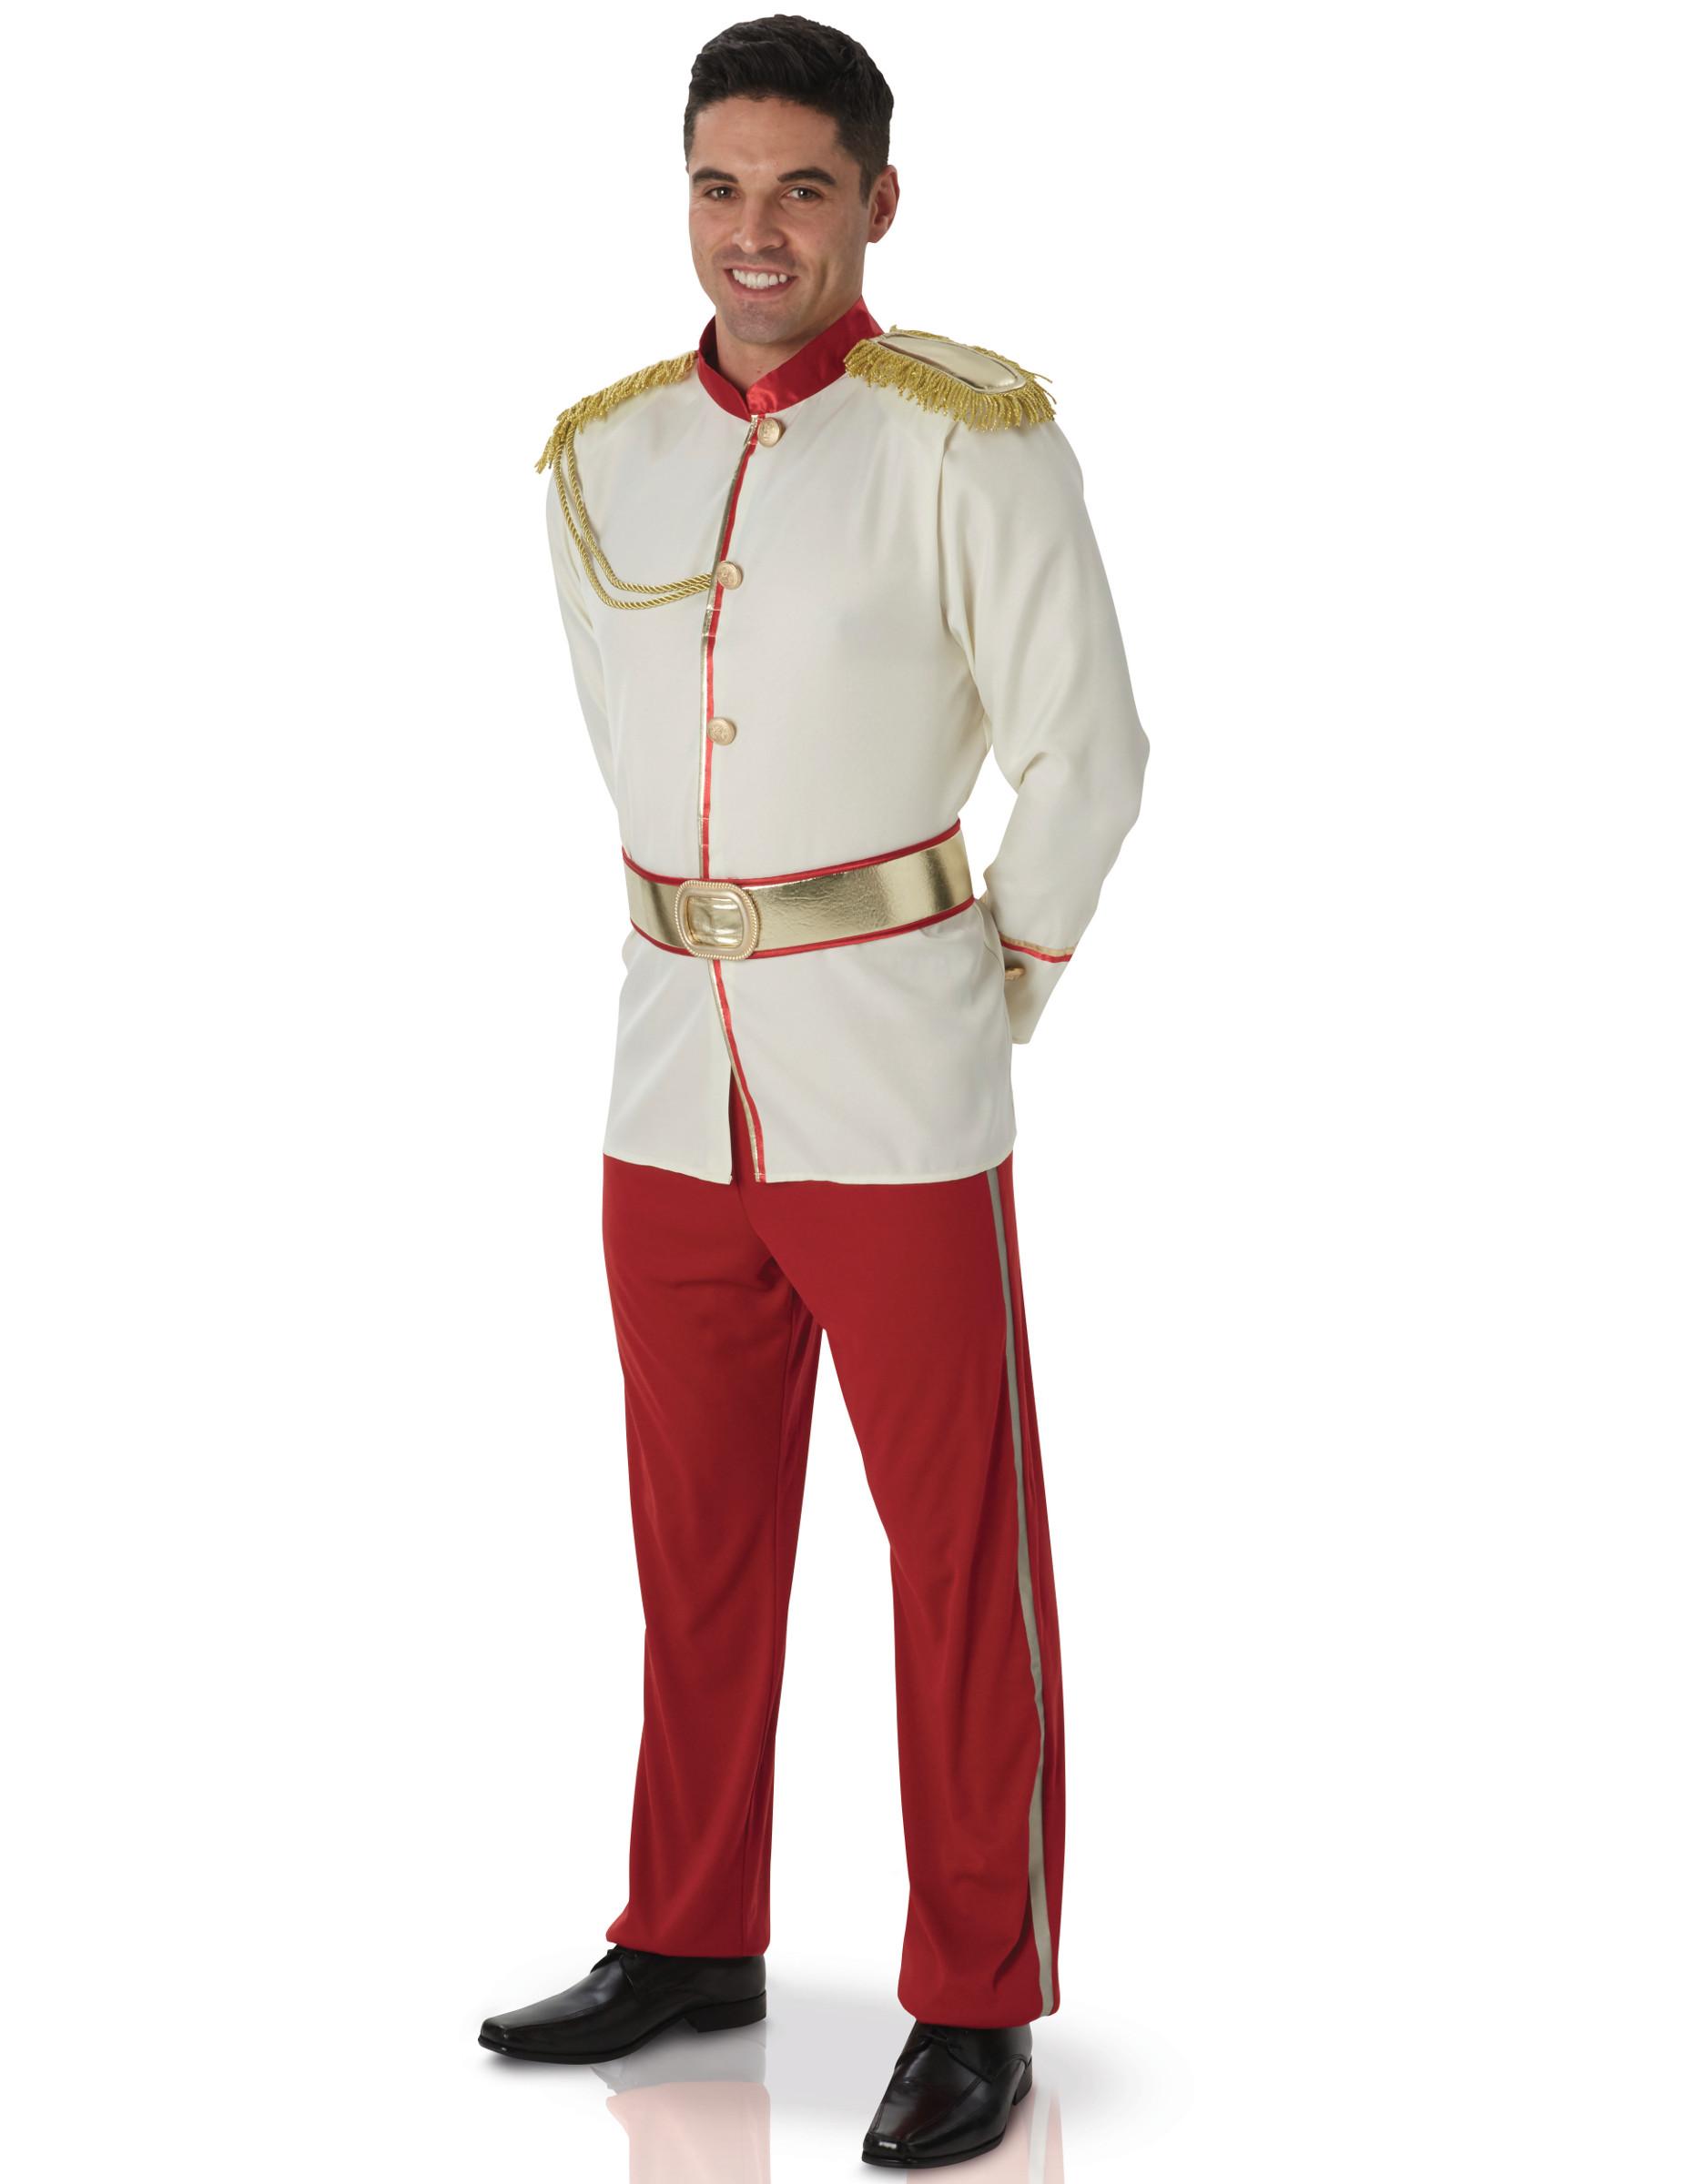 D guisement adulte prince charmant deguise toi achat de d guisements adultes - Costume princesse disney adulte ...